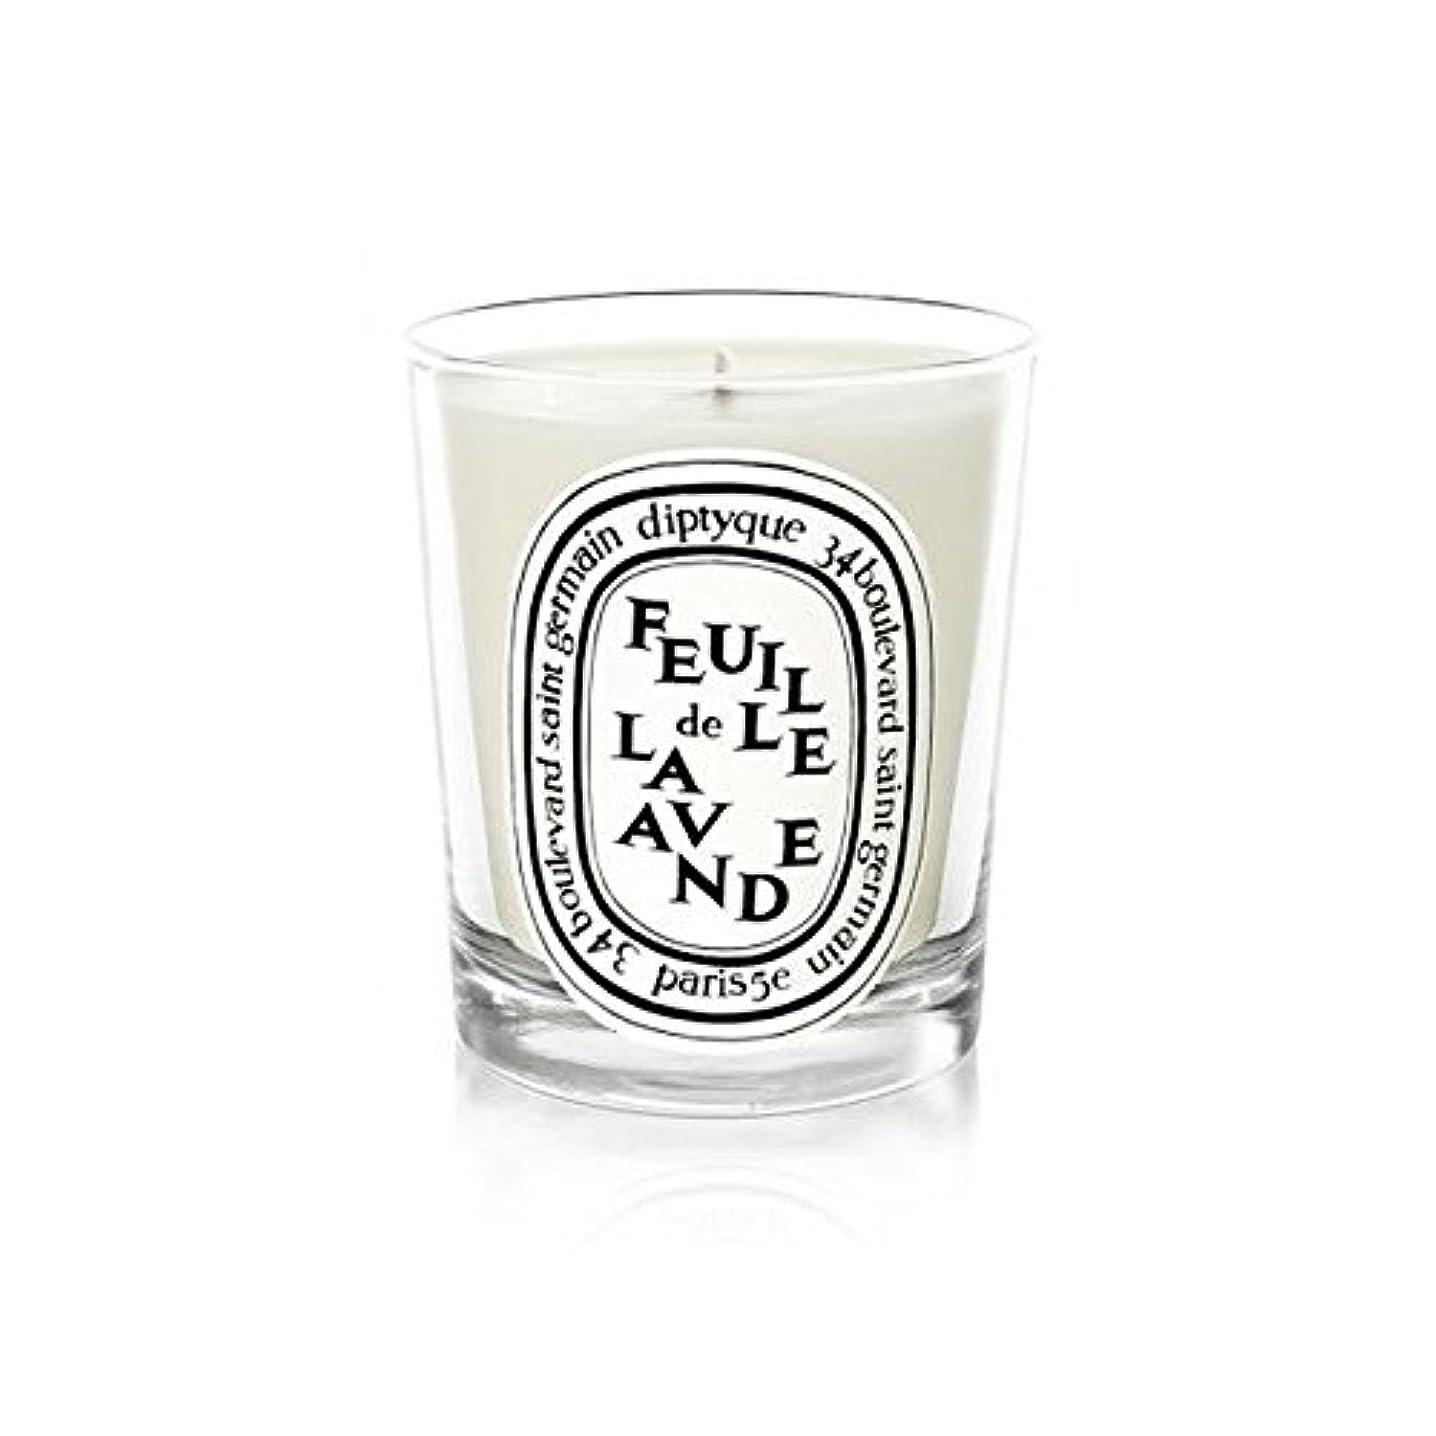 建築家印象的風味DiptyqueキャンドルFeuilleデラバンデ/ラベンダーの葉70グラム - Diptyque Candle Feuille De Lavande / Lavender Leaf 70g (Diptyque) [並行輸入品]